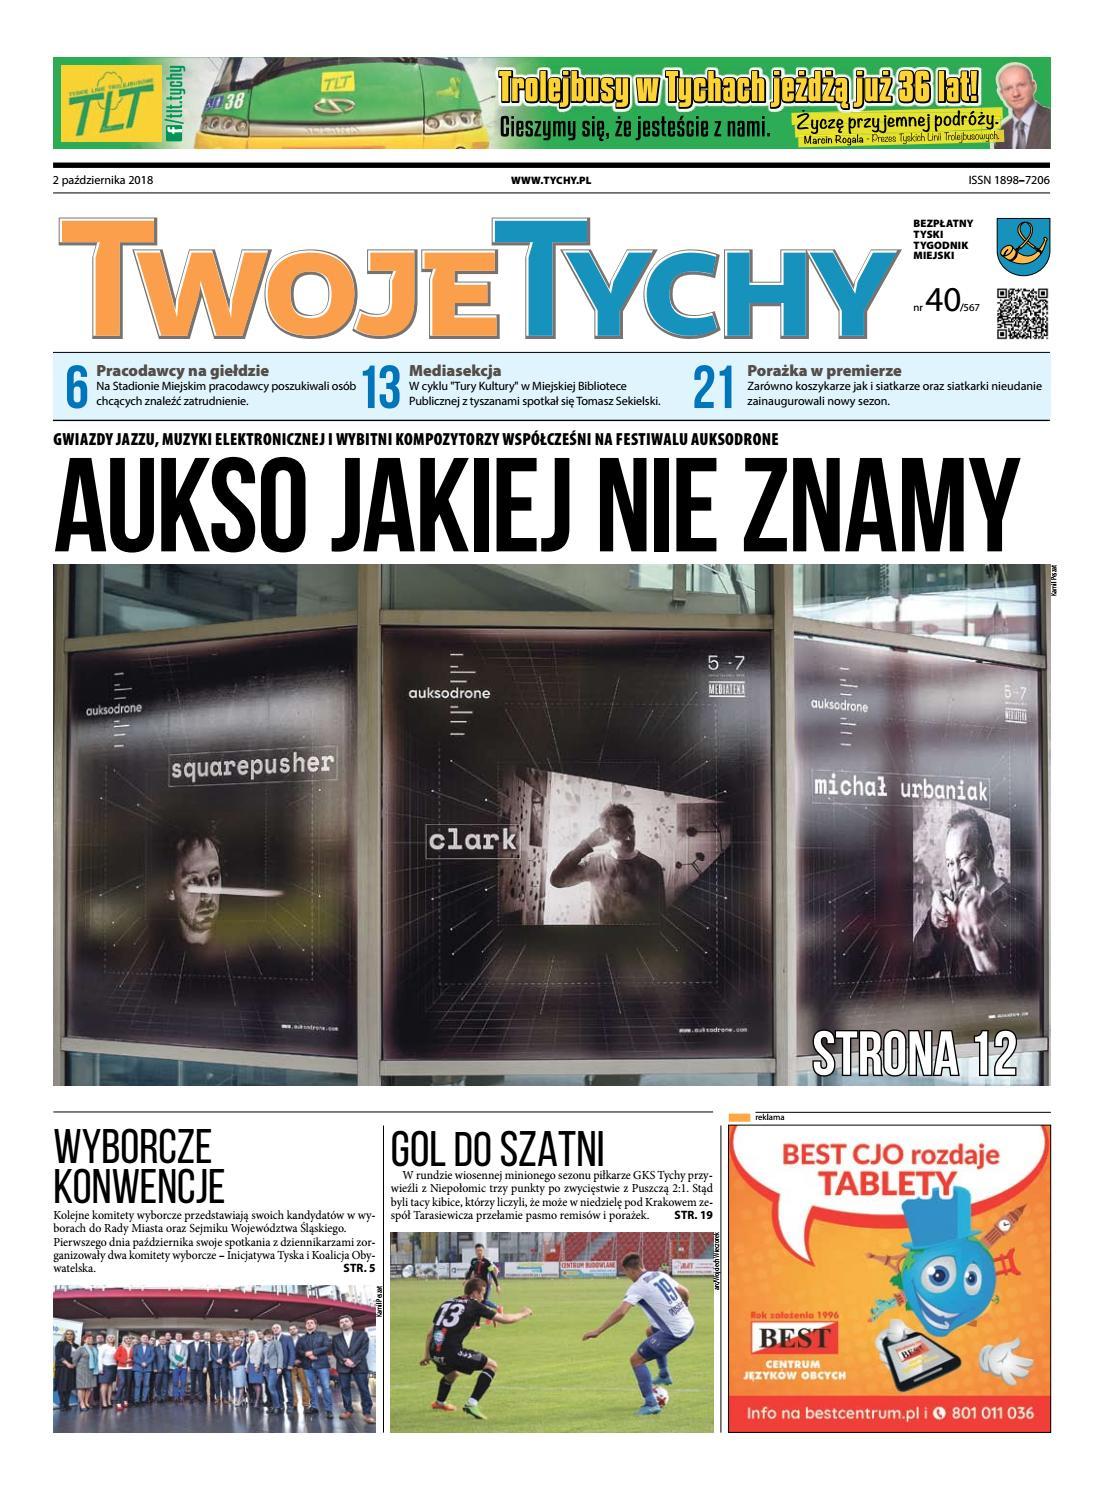 ca0ded1dc Twoje Tychy nr 567 by TwojeTychy - issuu